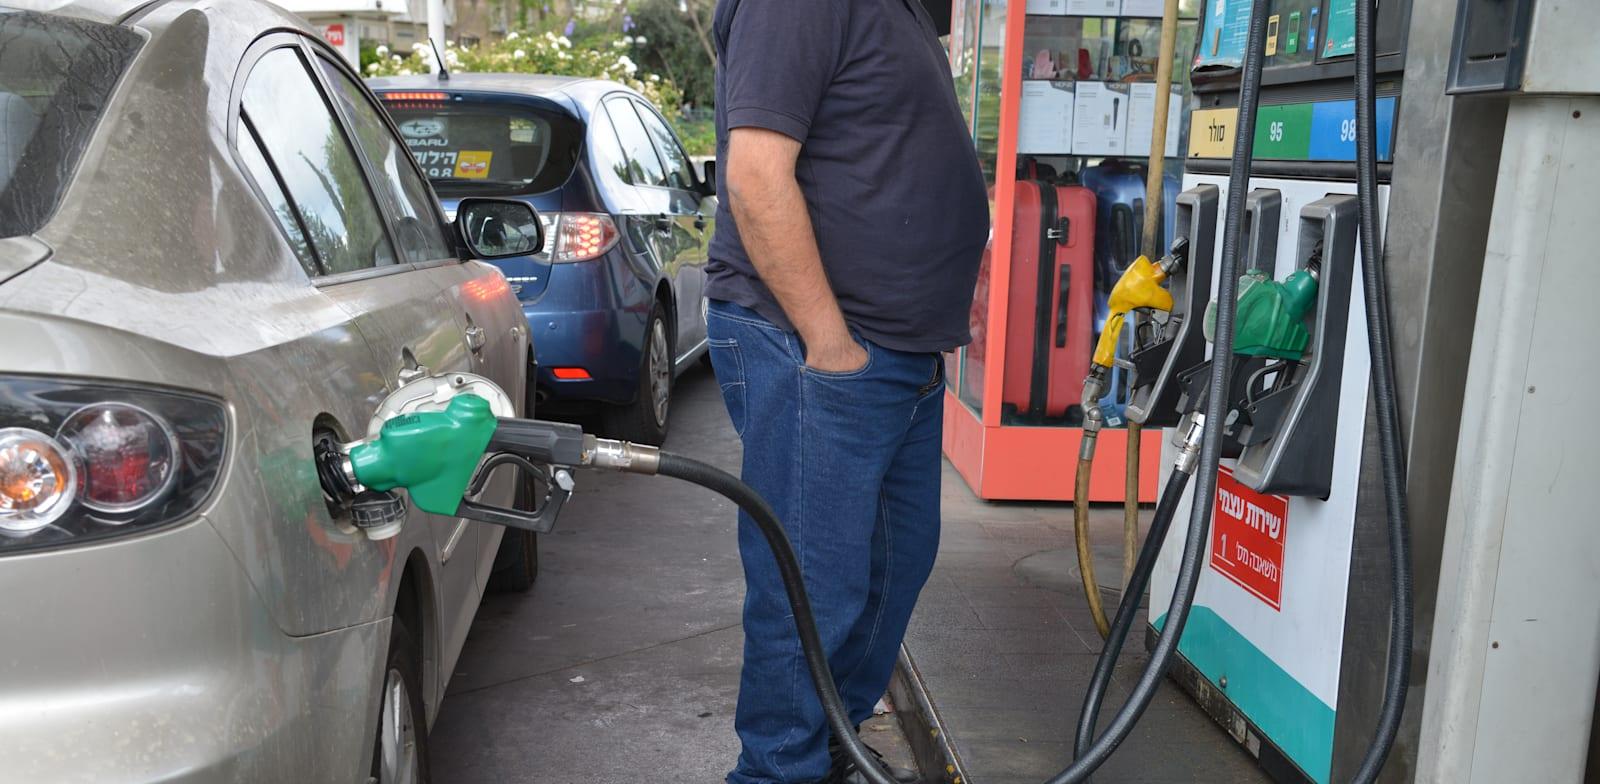 Gas station Photo: Tamar Matsafi